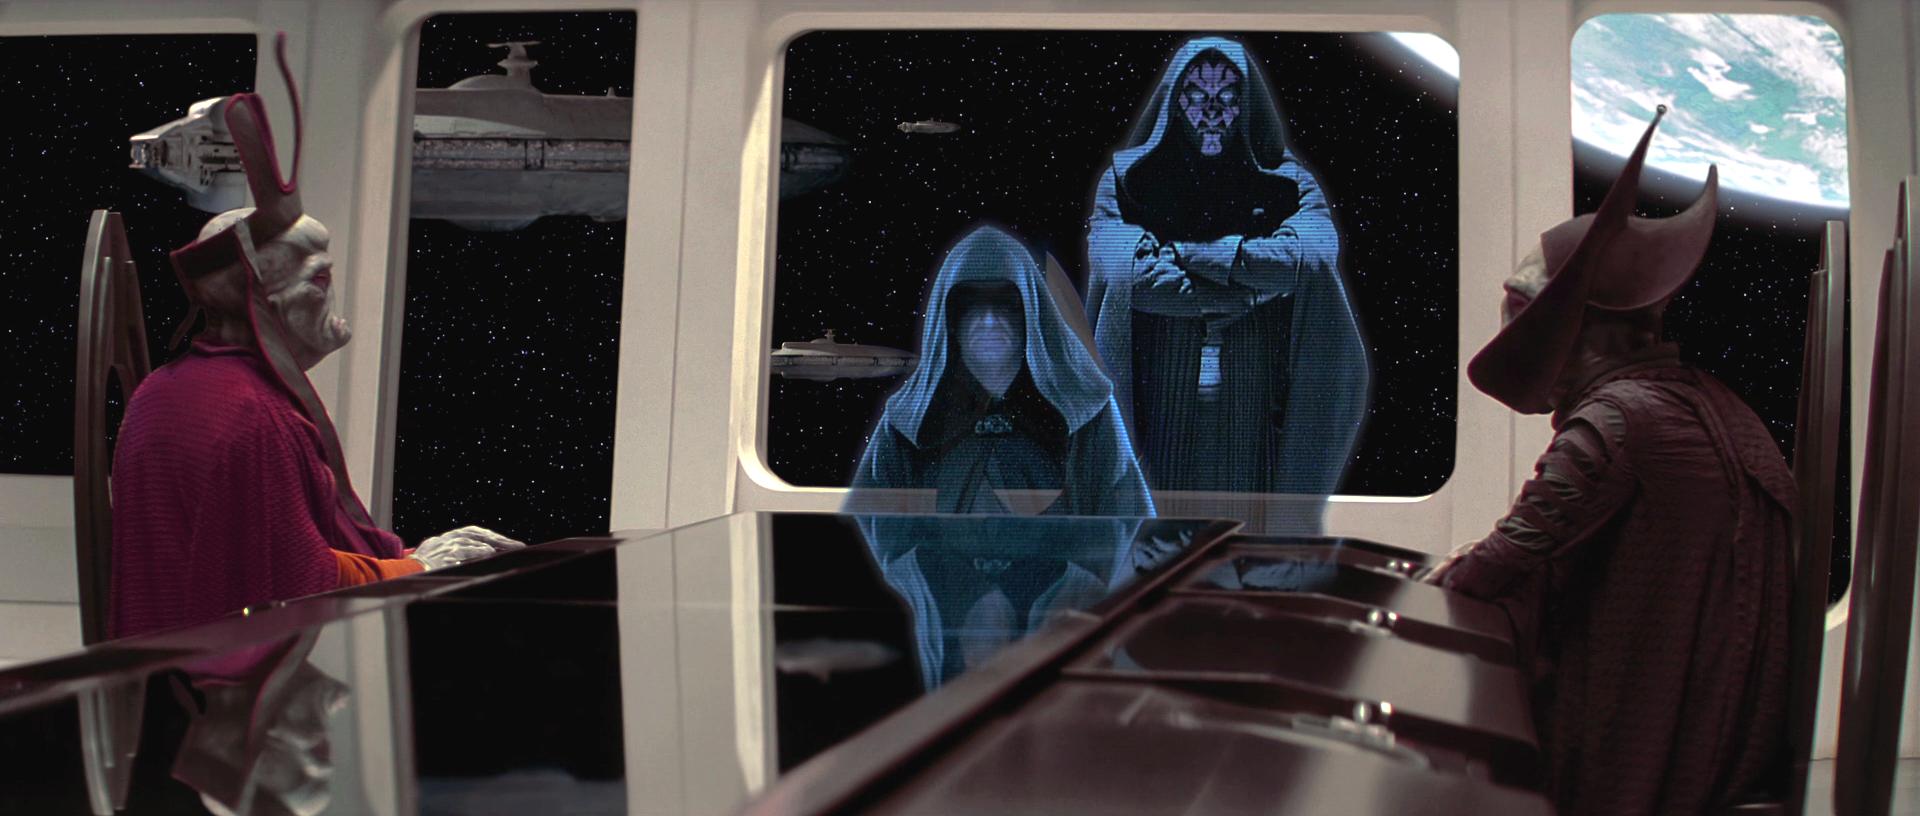 rapporto tra maestro e apprendista sith in star wars